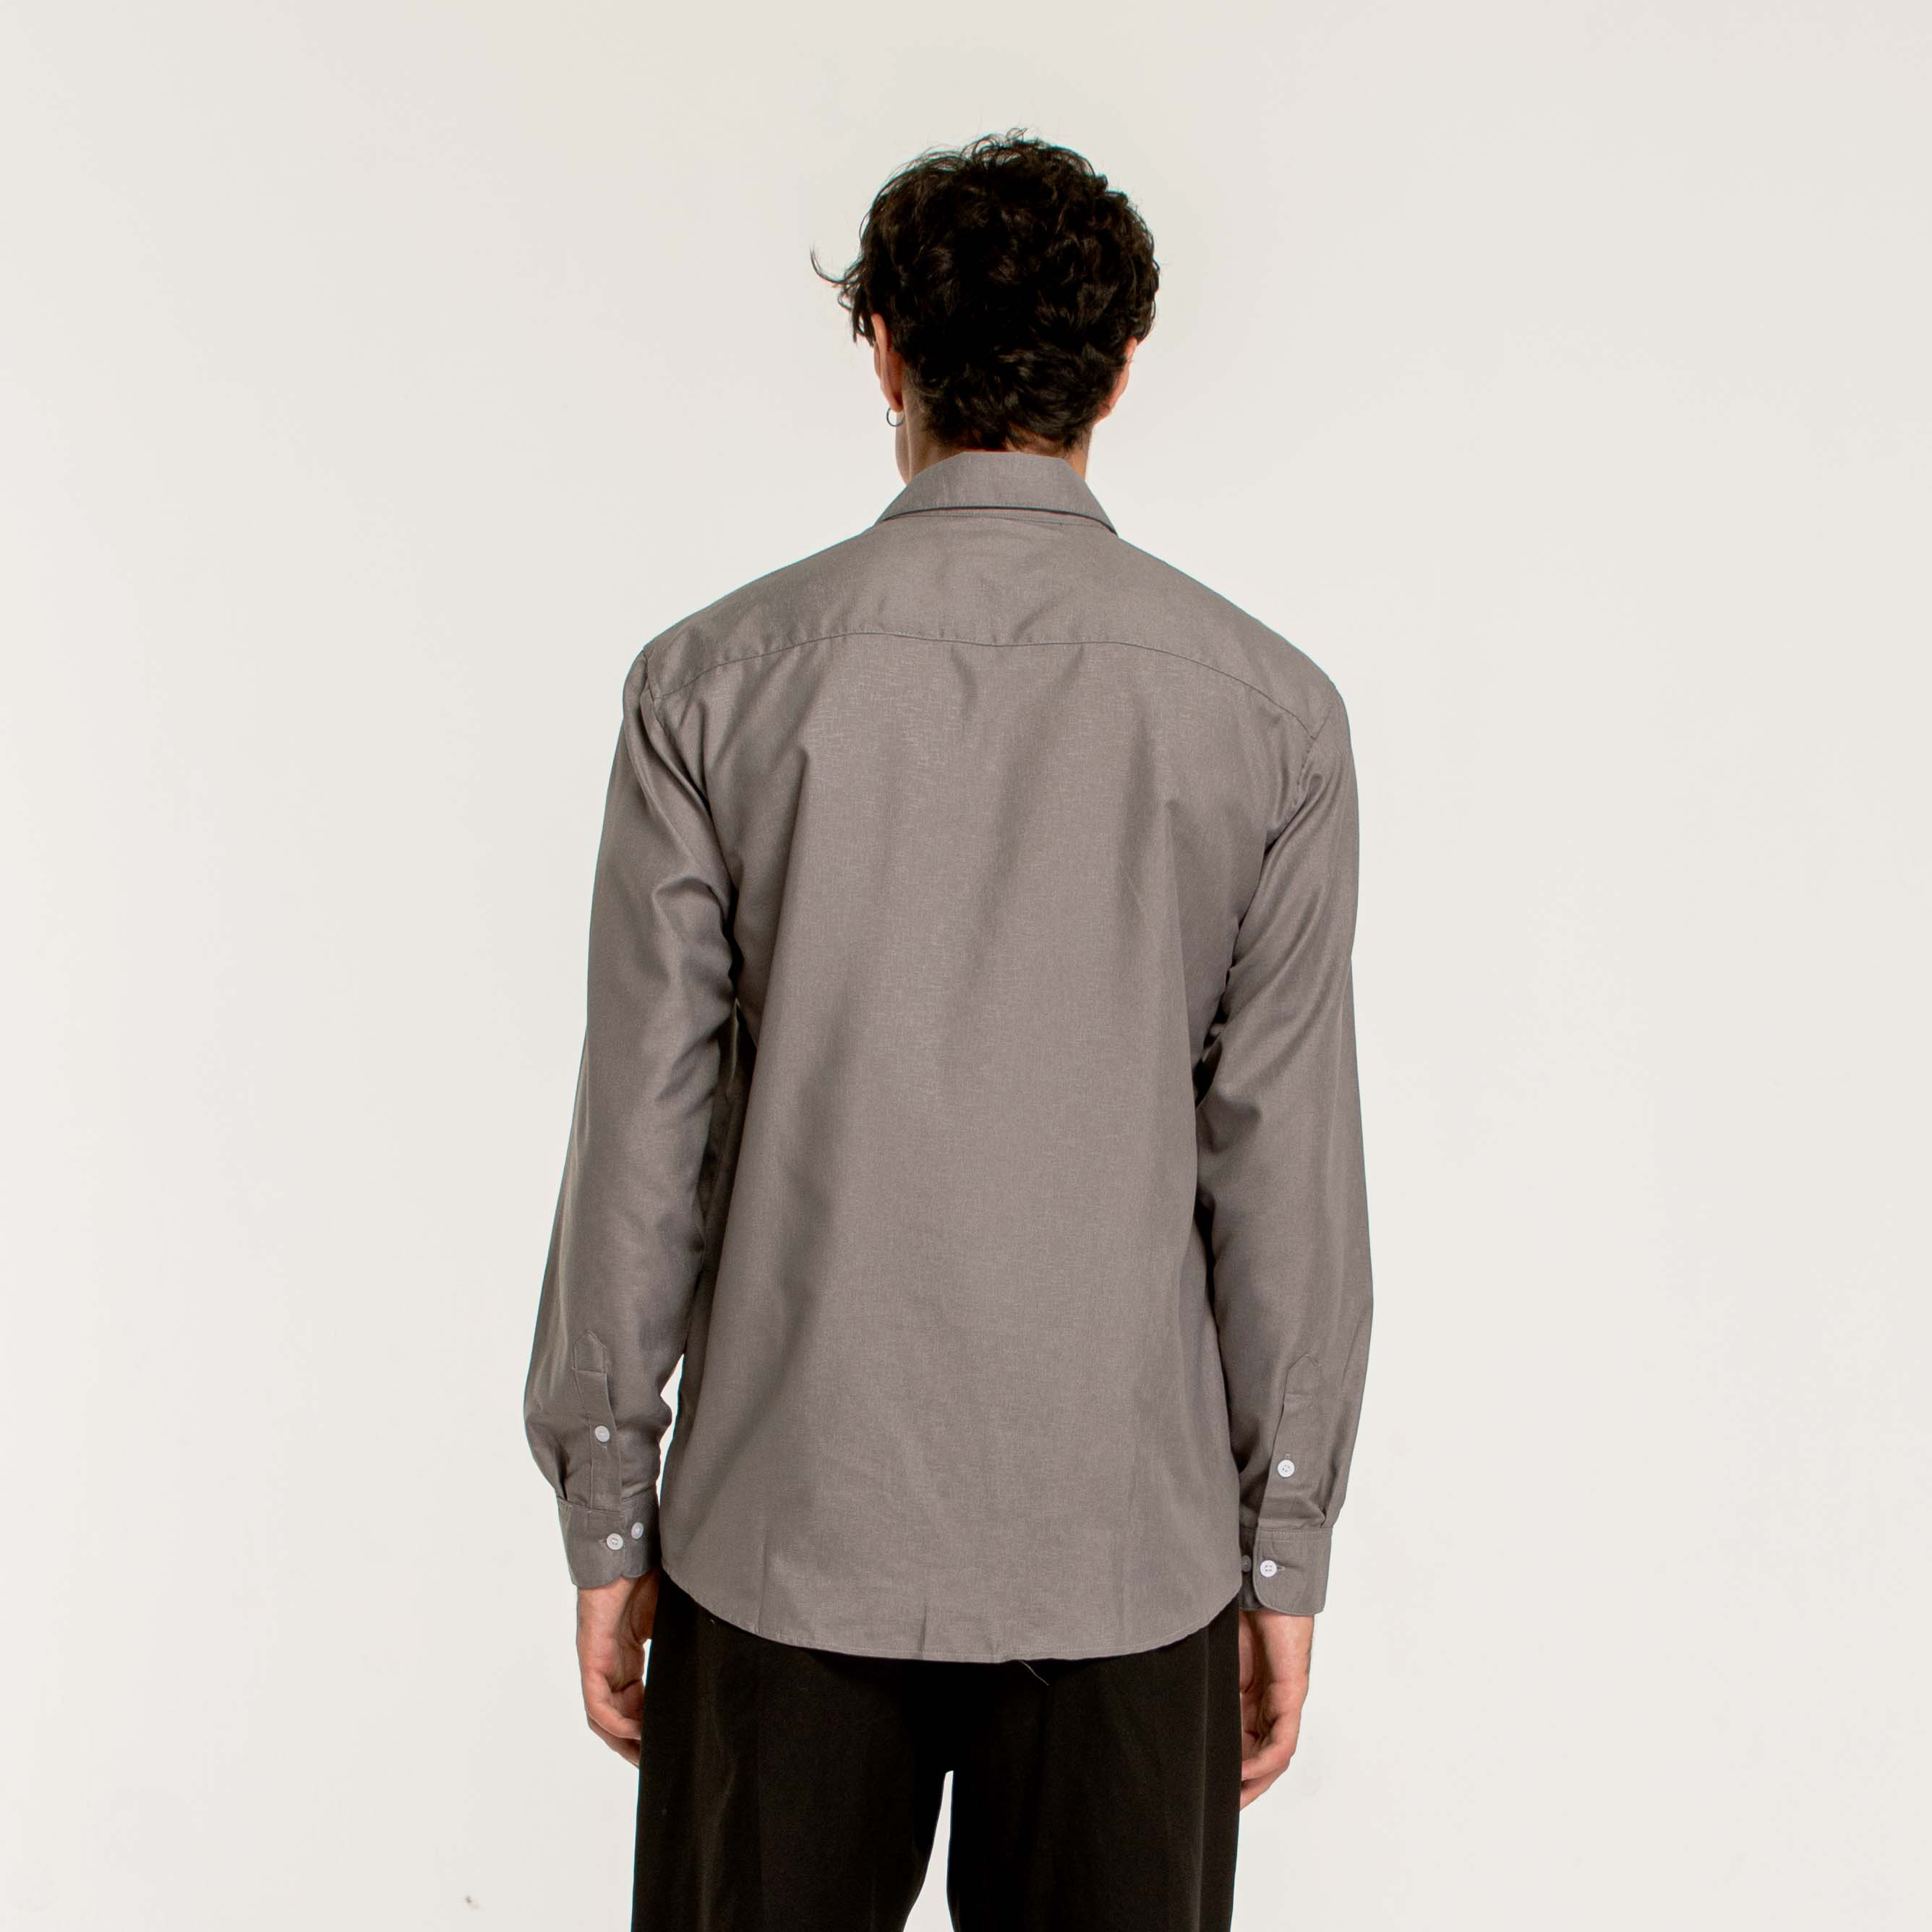 ESSENTIAL SHIRT/Grey